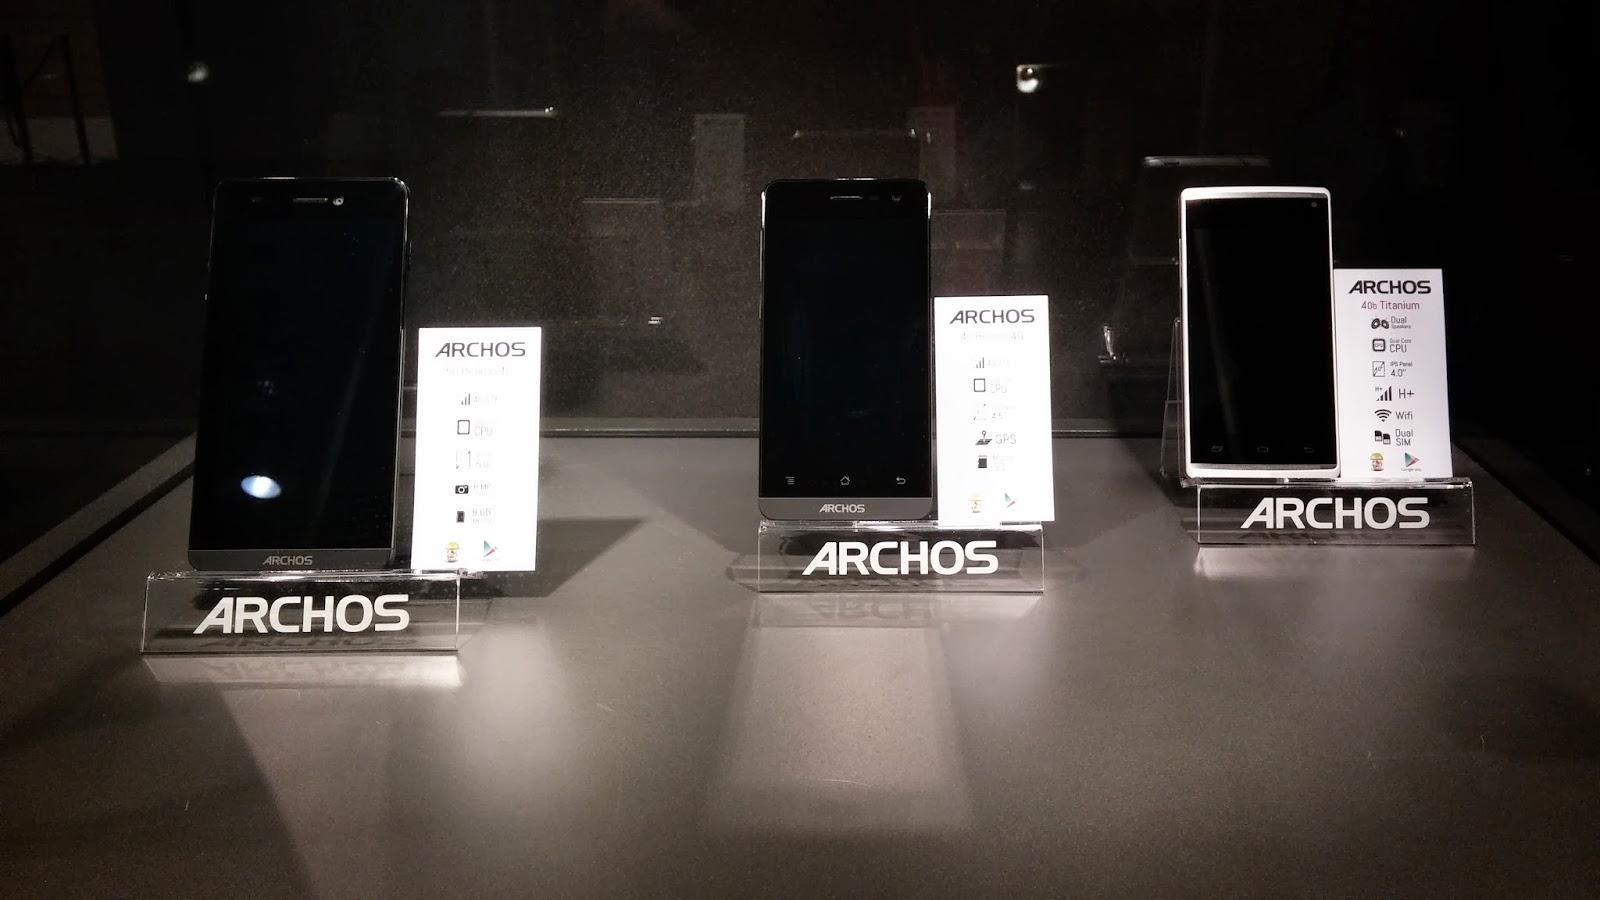 Los 3 Smartphones de la marca Archos.